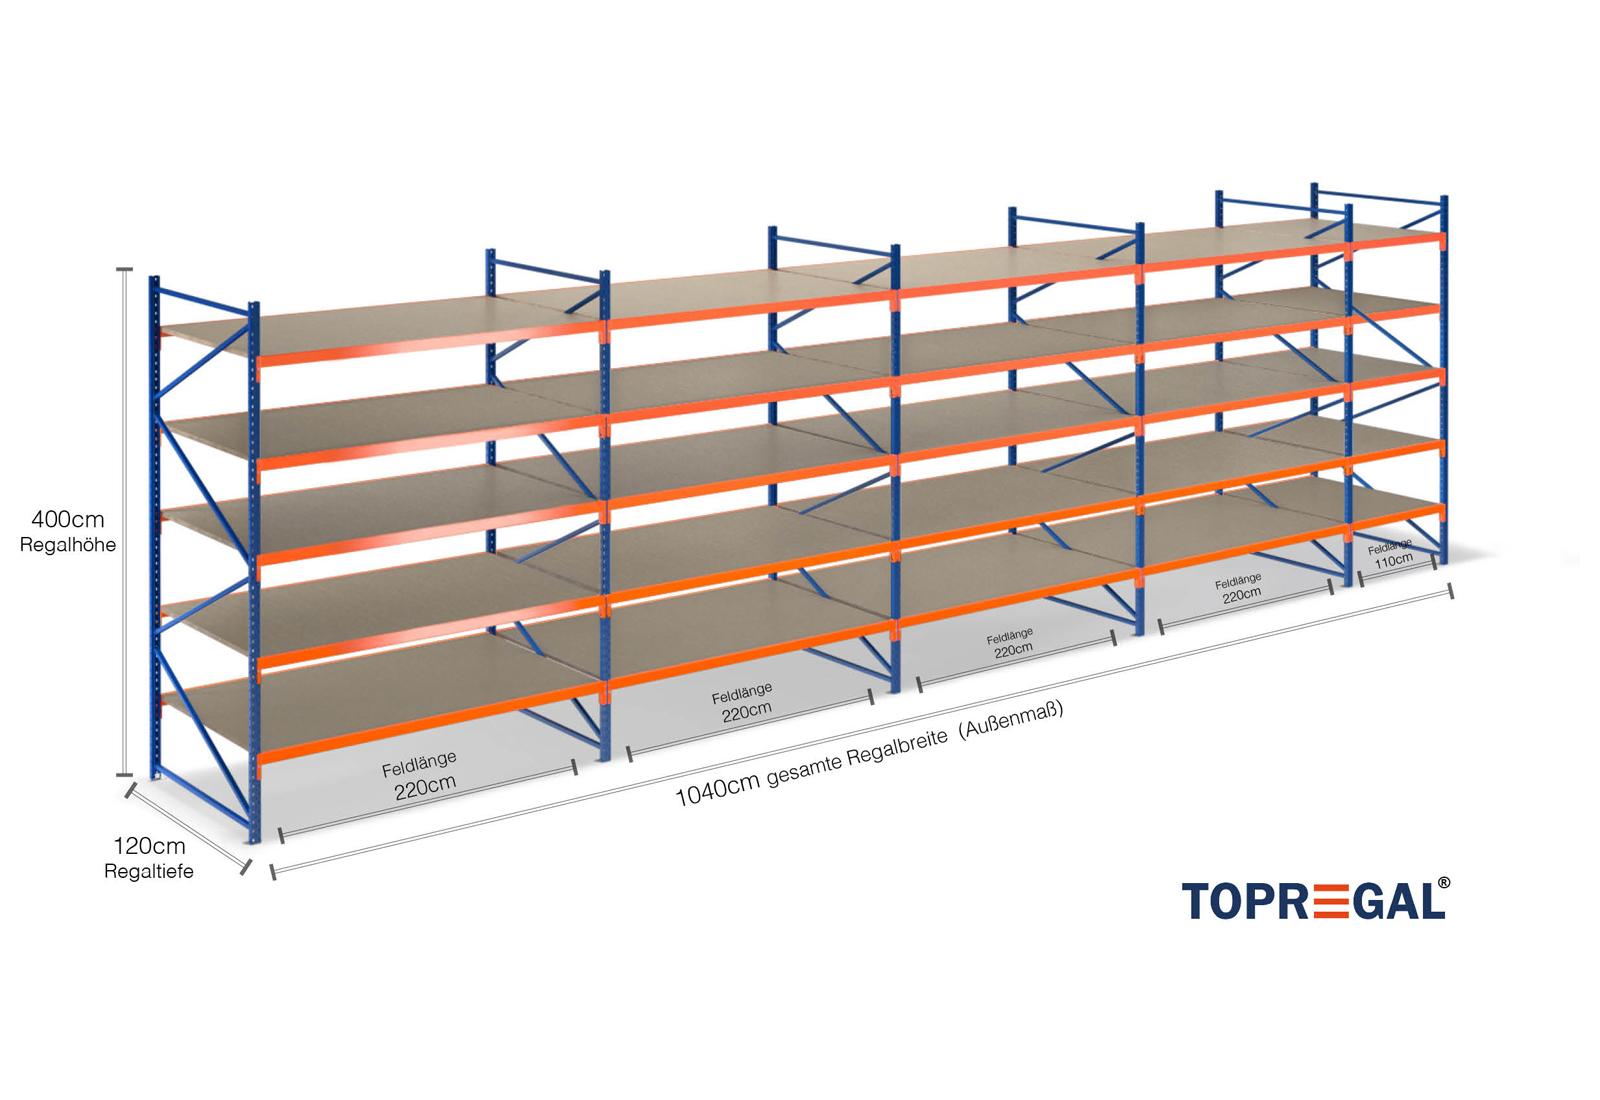 10 4m lagerregal 400cm hoch 120cm tief mit 5 ebenen inkl holzb den. Black Bedroom Furniture Sets. Home Design Ideas